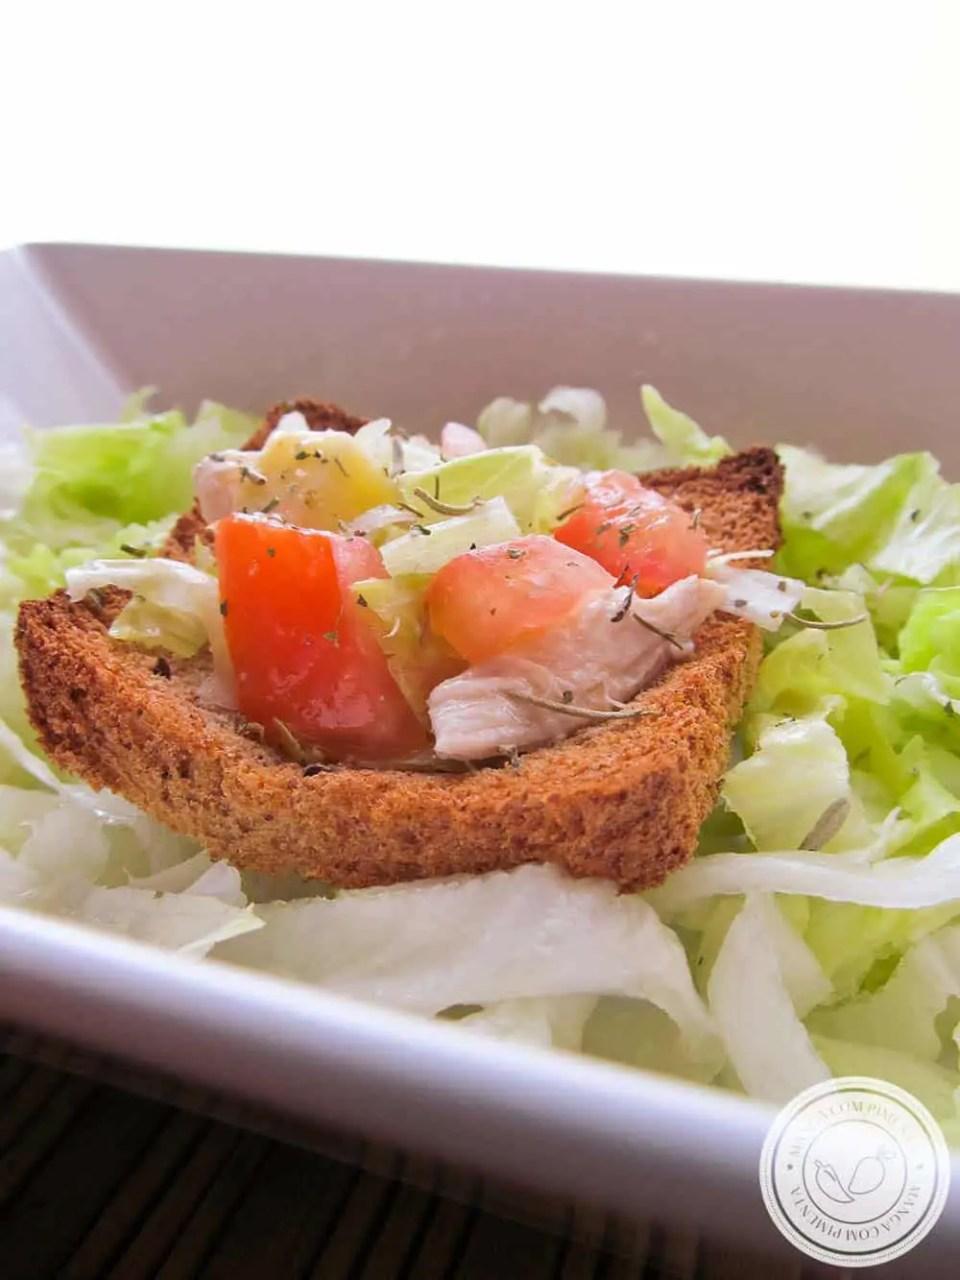 Cestinhas de Pães com Salada - para servir com charme!